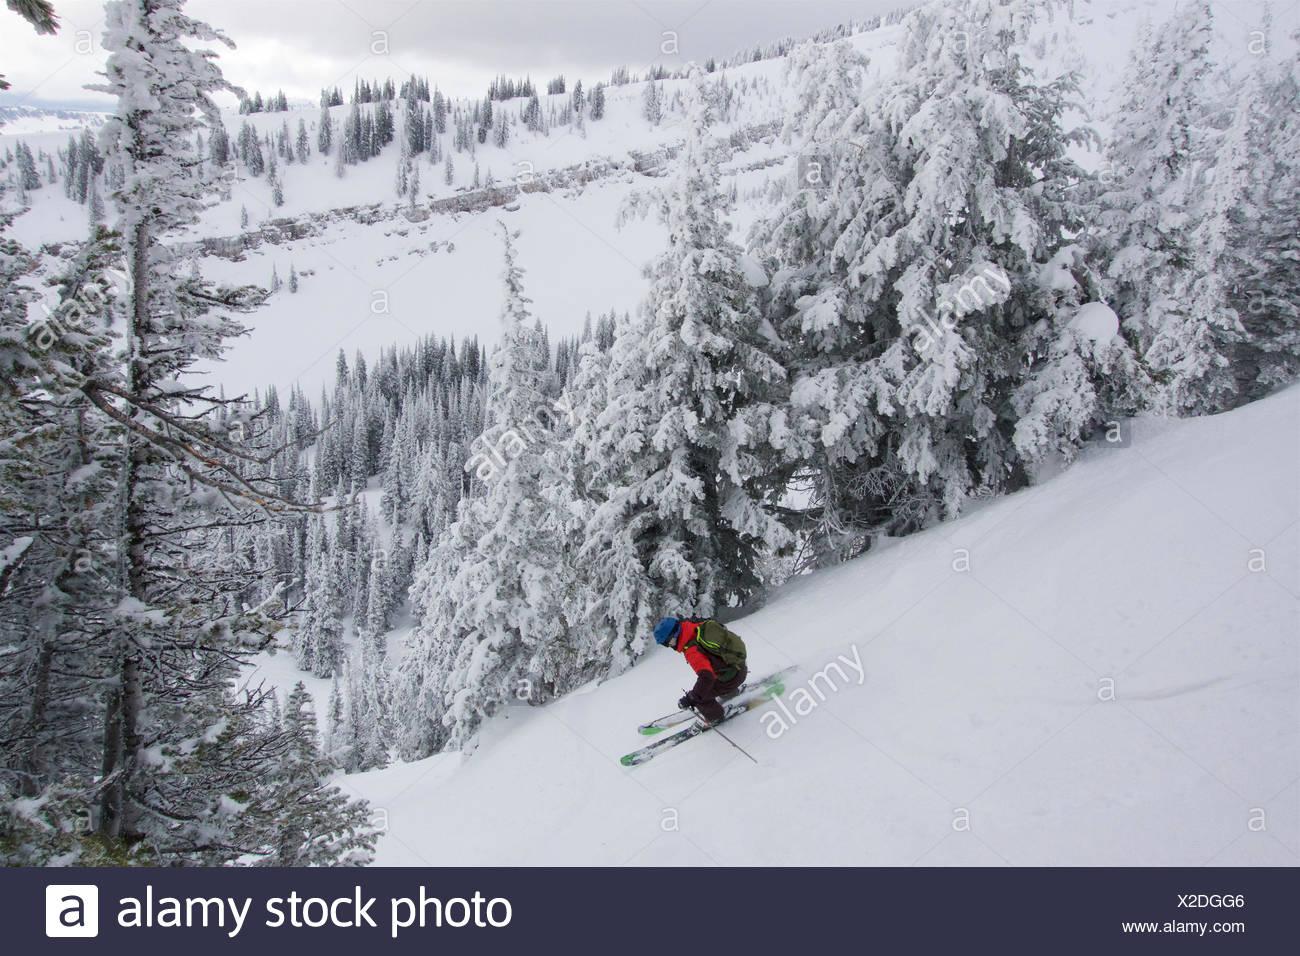 Ein jugendlich Junge Skifahren mit rime Bäume in den Bergen an einem bewölkten Tag abgedeckt. Stockbild